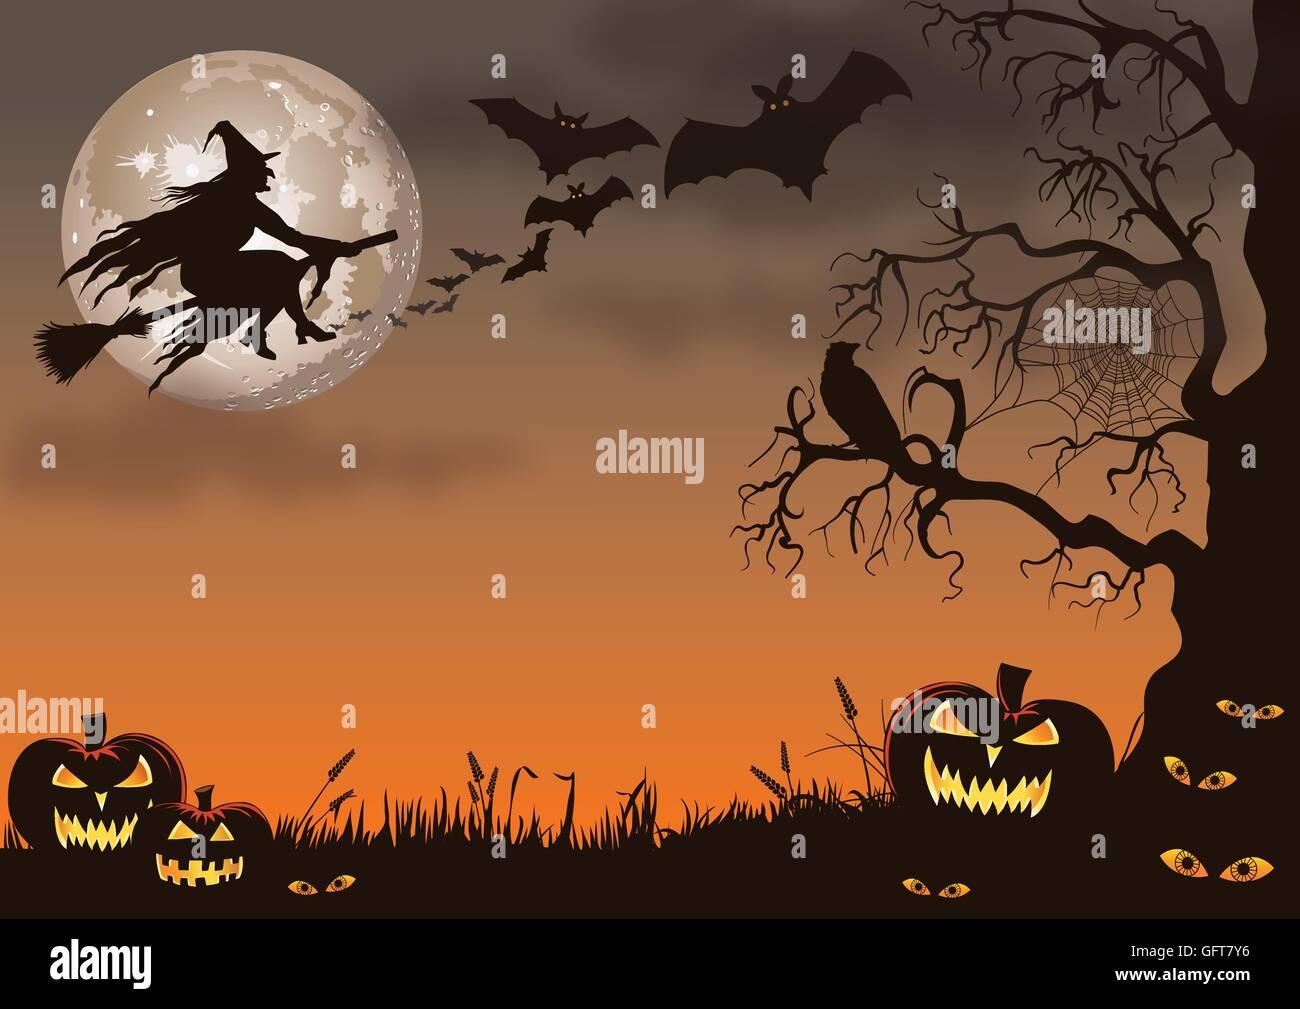 Sfondo di Halloween con una strega, pipistrelli, zucche, il peering di occhi e creepy tree. Immagini Stock